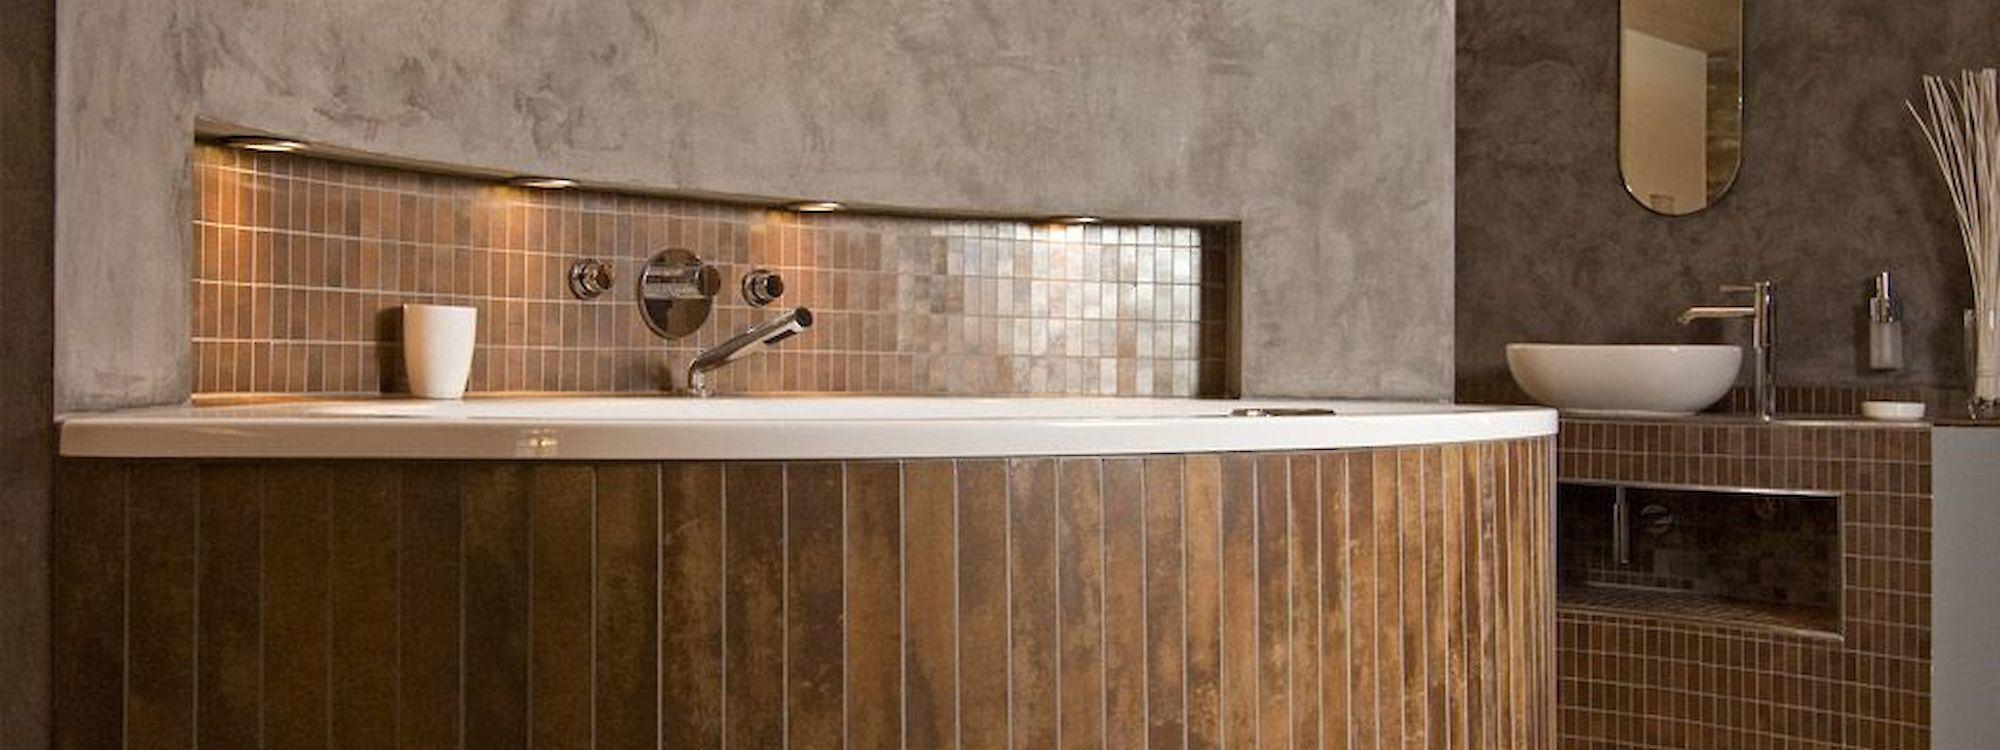 fliesen v hringer anwendungsbereiche. Black Bedroom Furniture Sets. Home Design Ideas